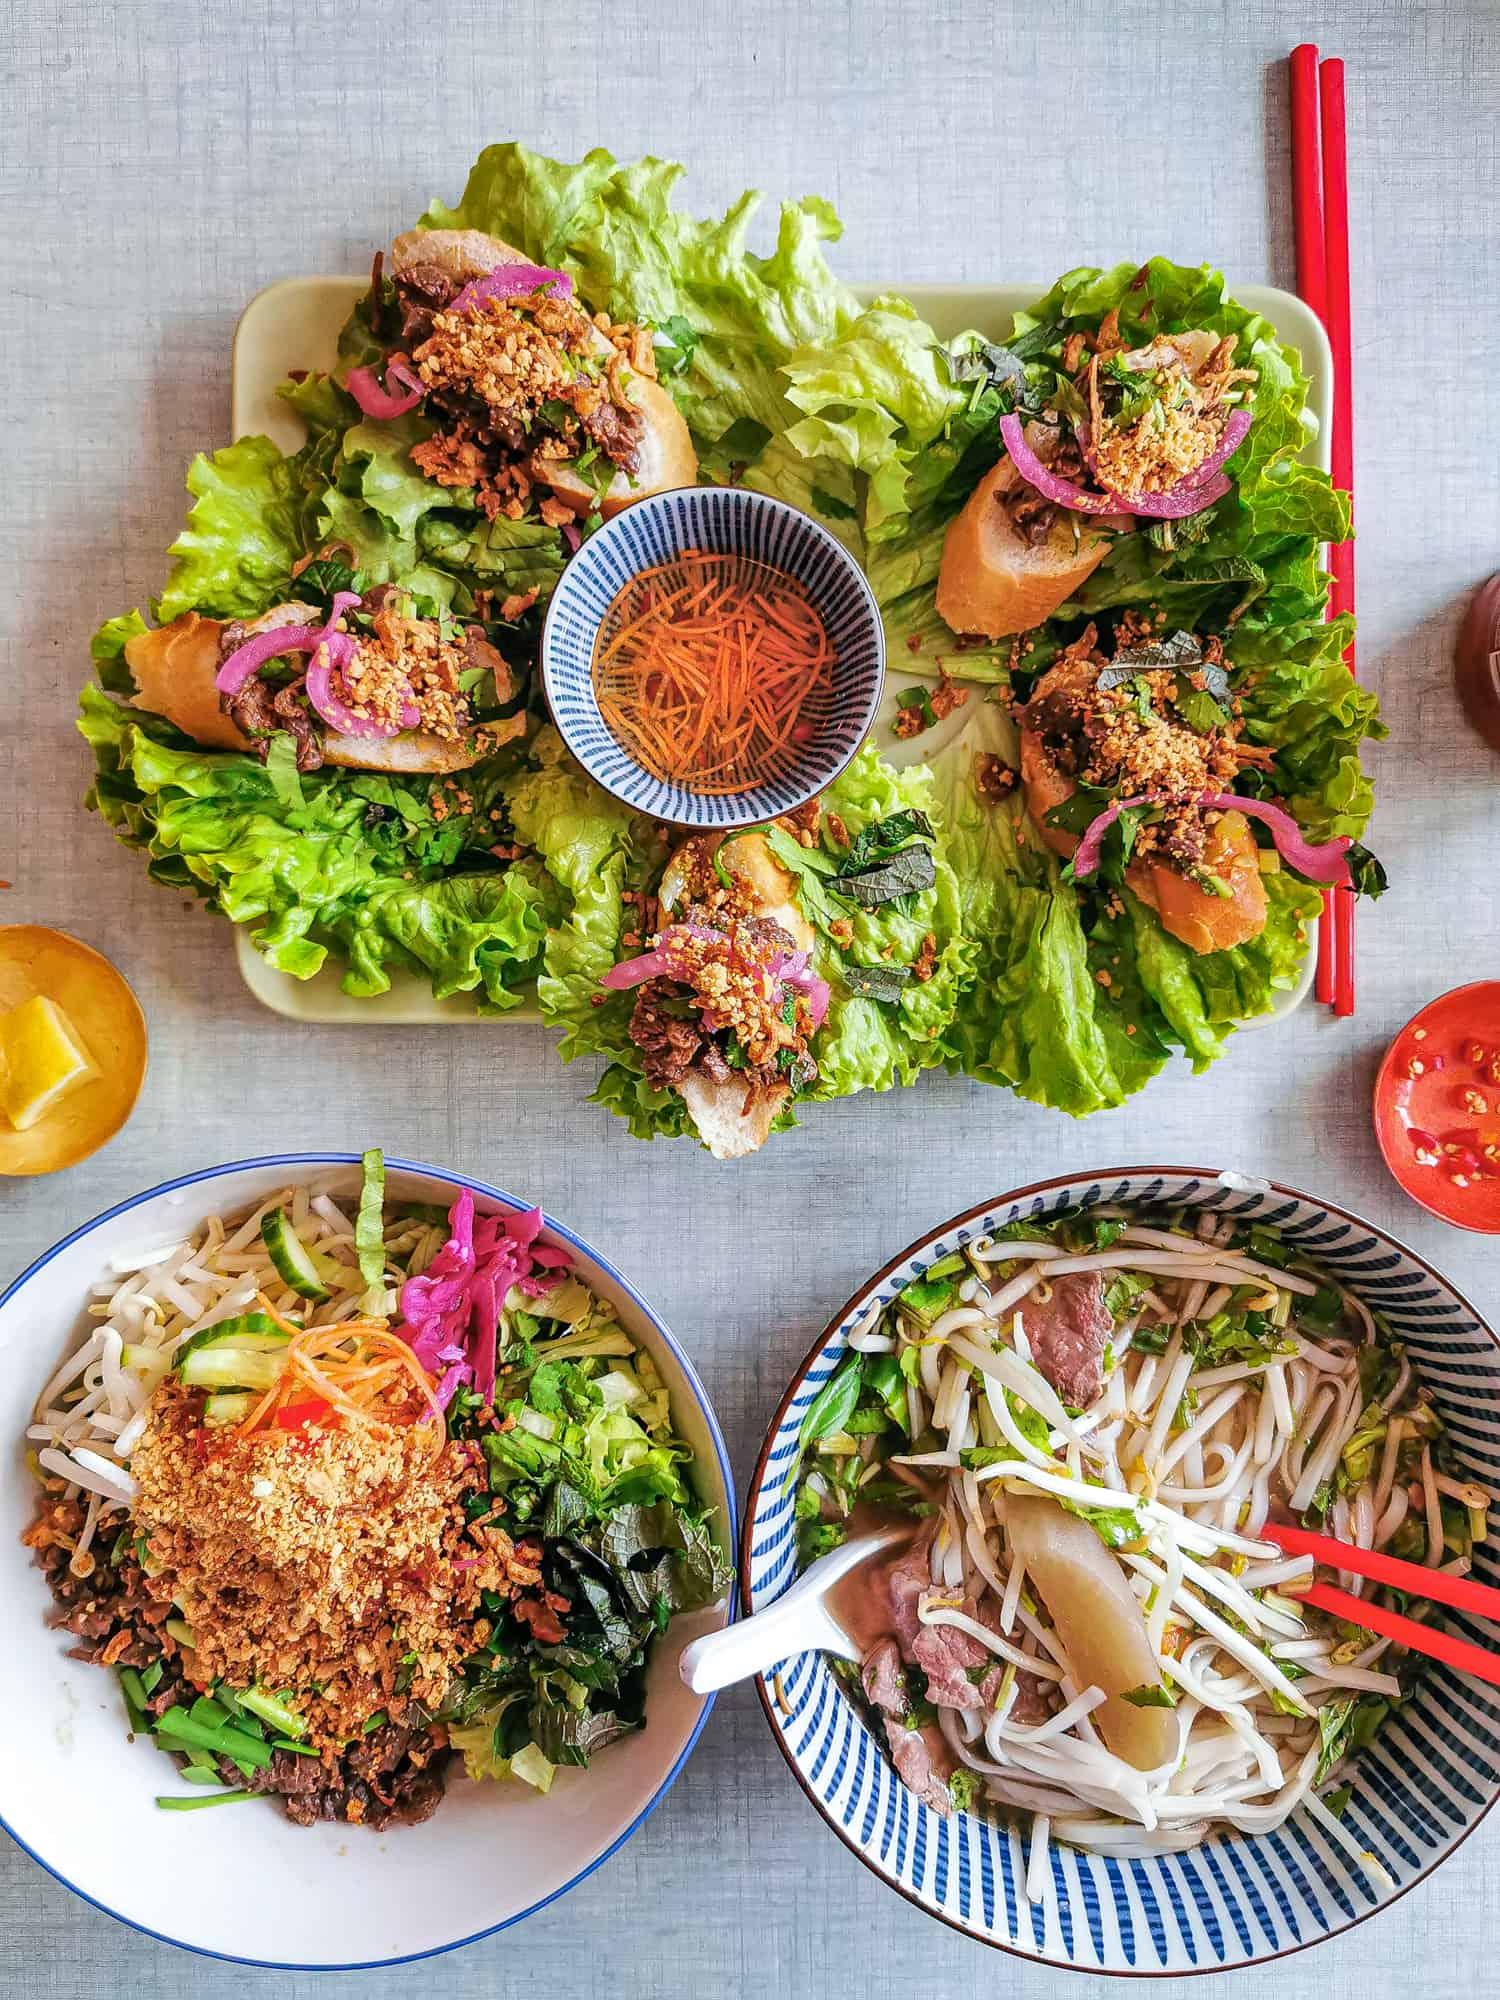 ca-phe-broc-ouest-restaurant-vietnamien-paris-14-bouiboui-24